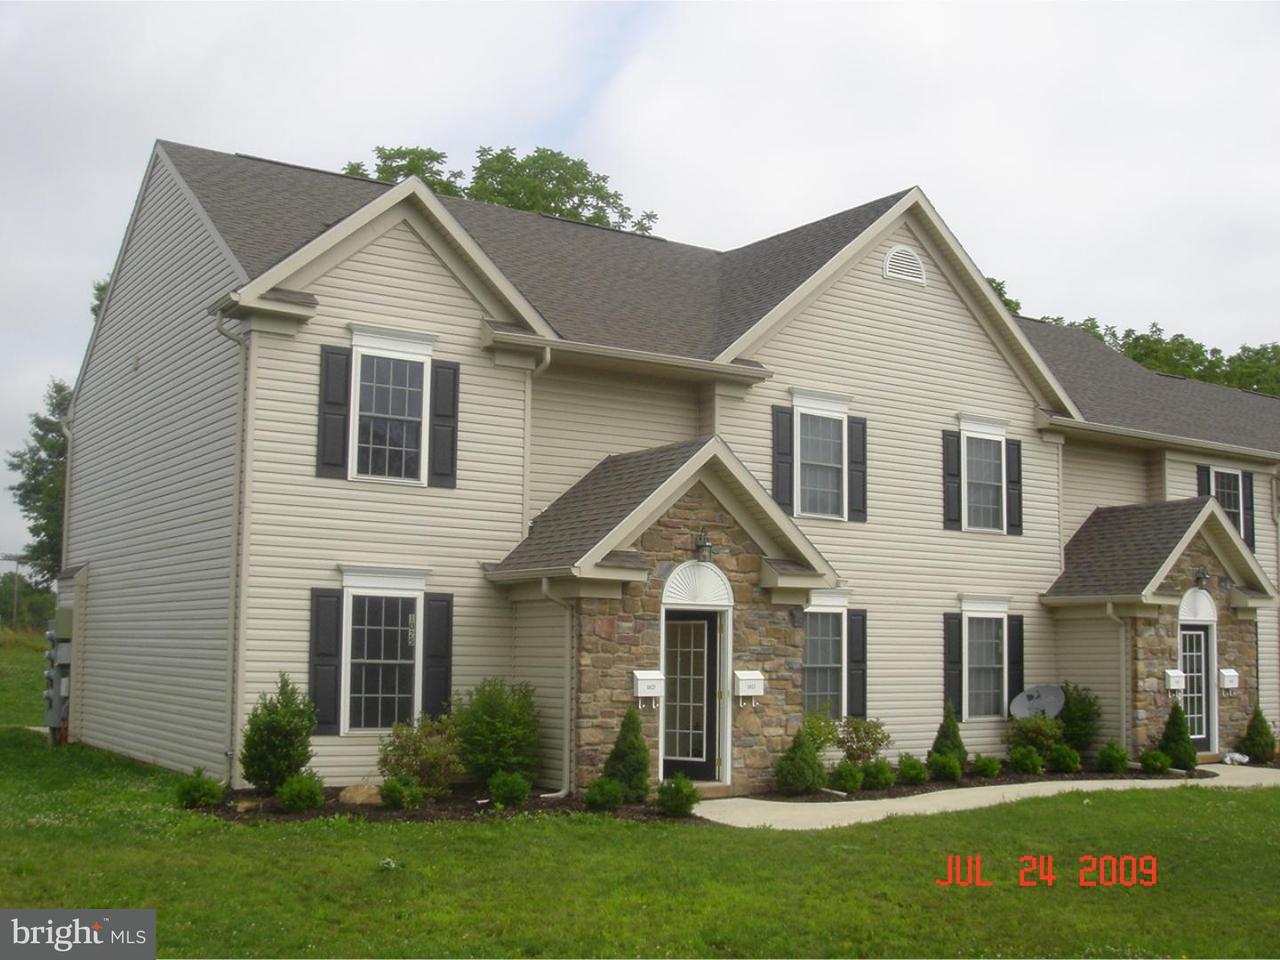 Casa unifamiliar adosada (Townhouse) por un Alquiler en 1013 DEVONSHIRE Road Allentown, Pennsylvania 18103 Estados Unidos